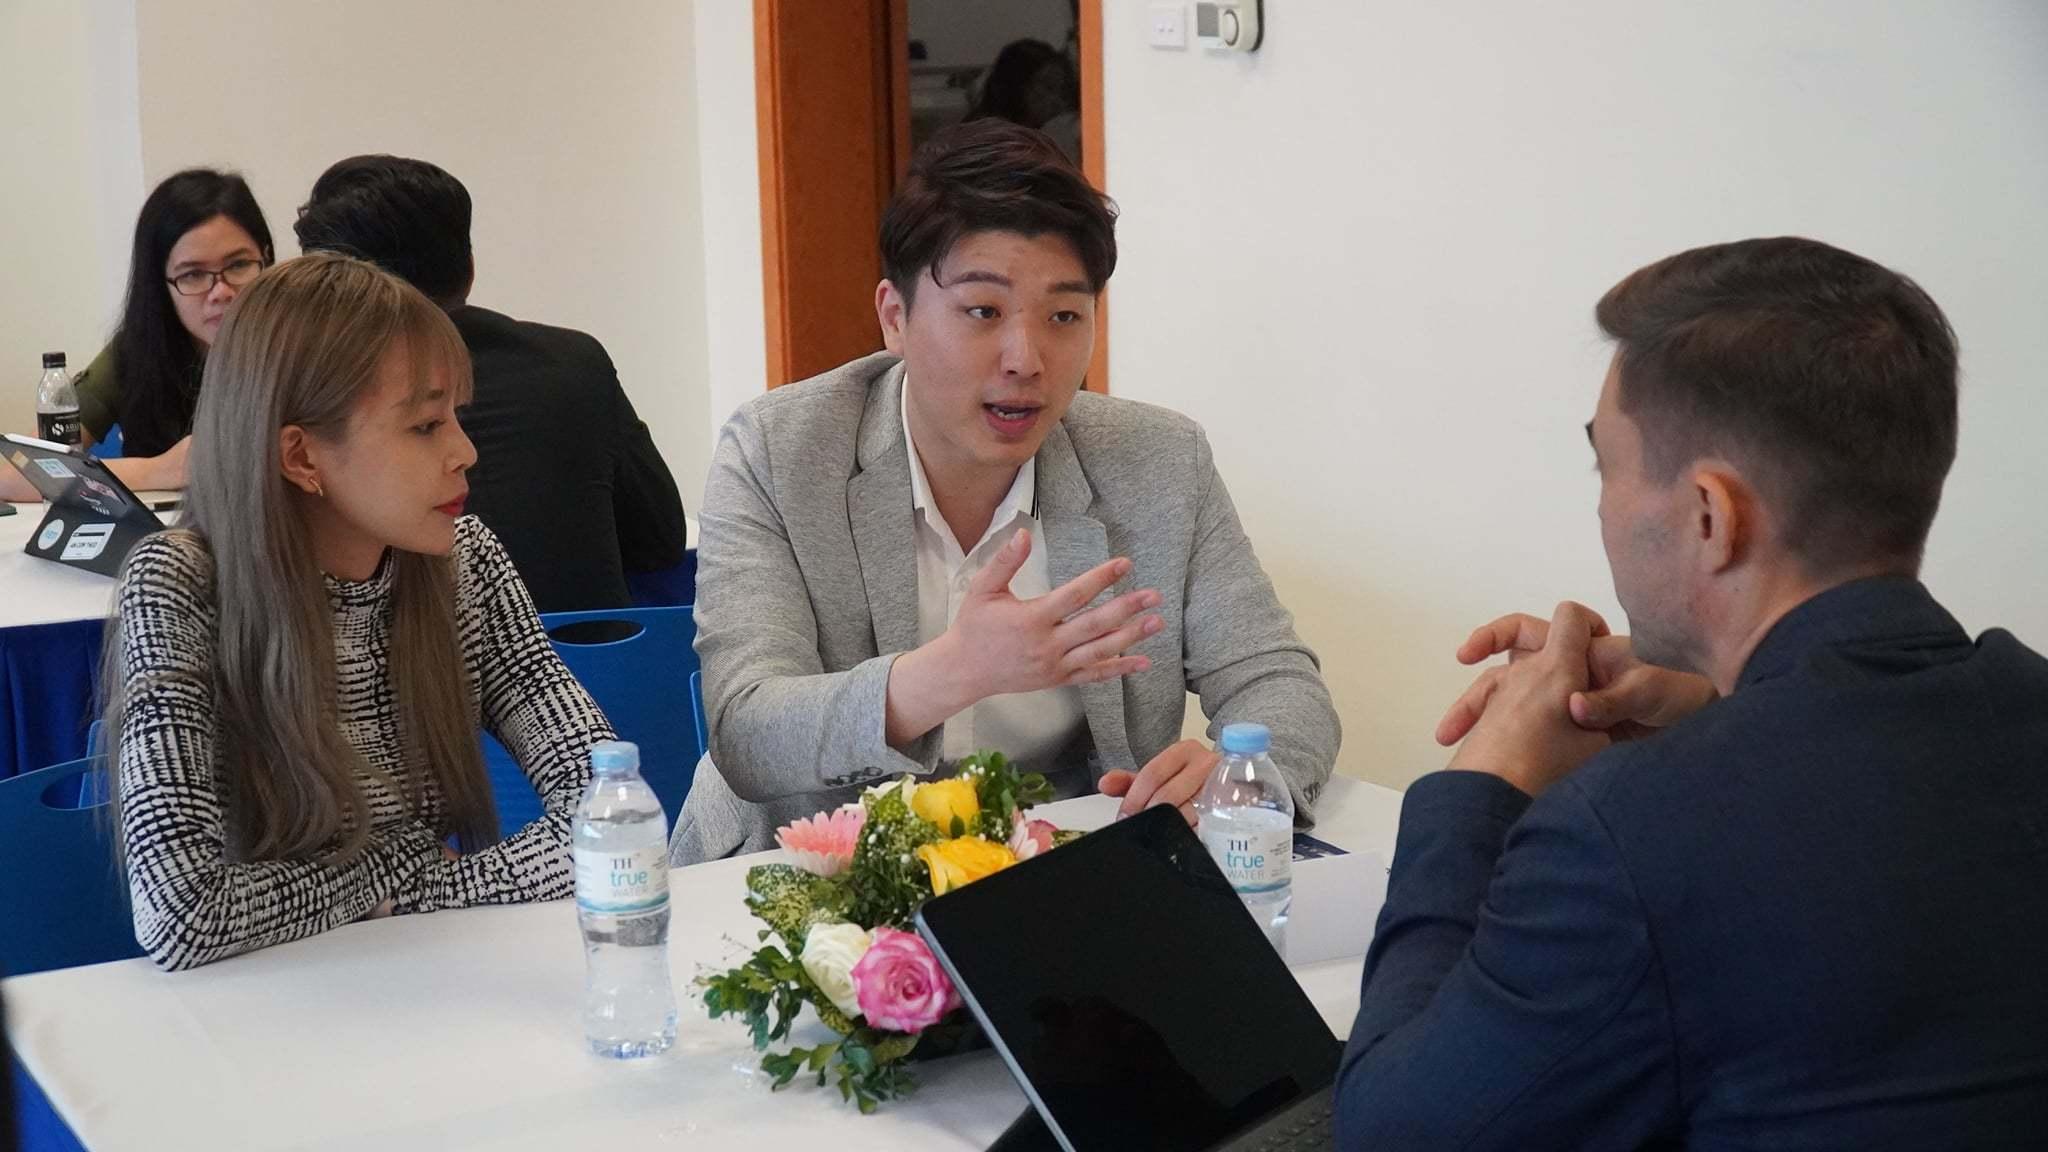 Hàng loạt các hoạt động hấp dẫn tại Techfest Việt Nam 2020